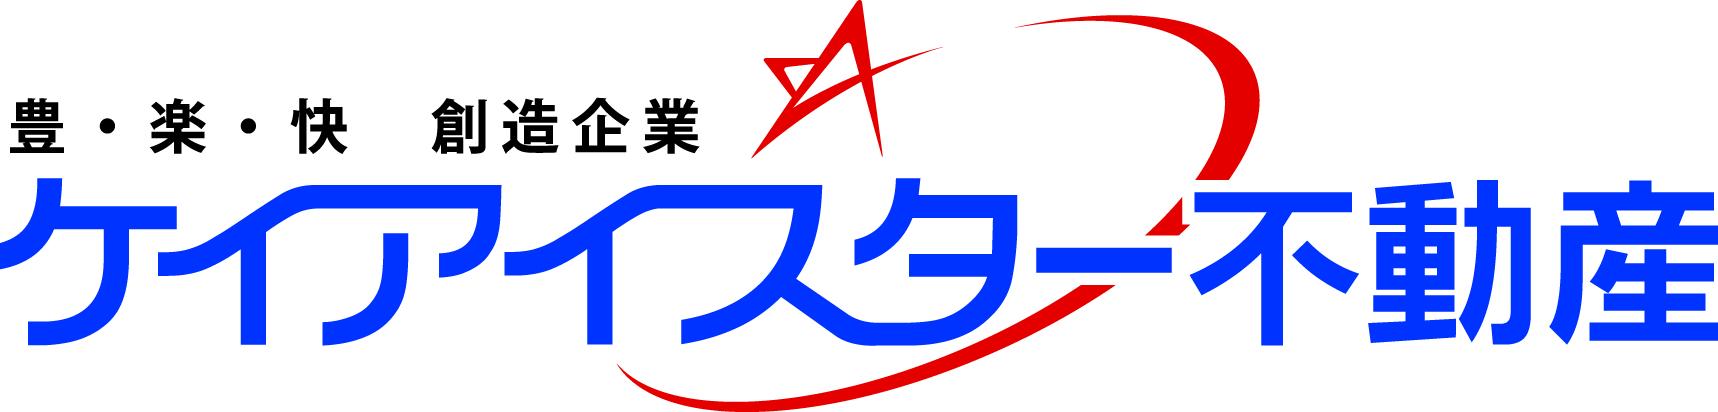 ~歴史・文化・自然・生活・交通~ 栃木の魅力を再発見! 栃木情報発信サイト 「栃木LIFE」 10/1オープン